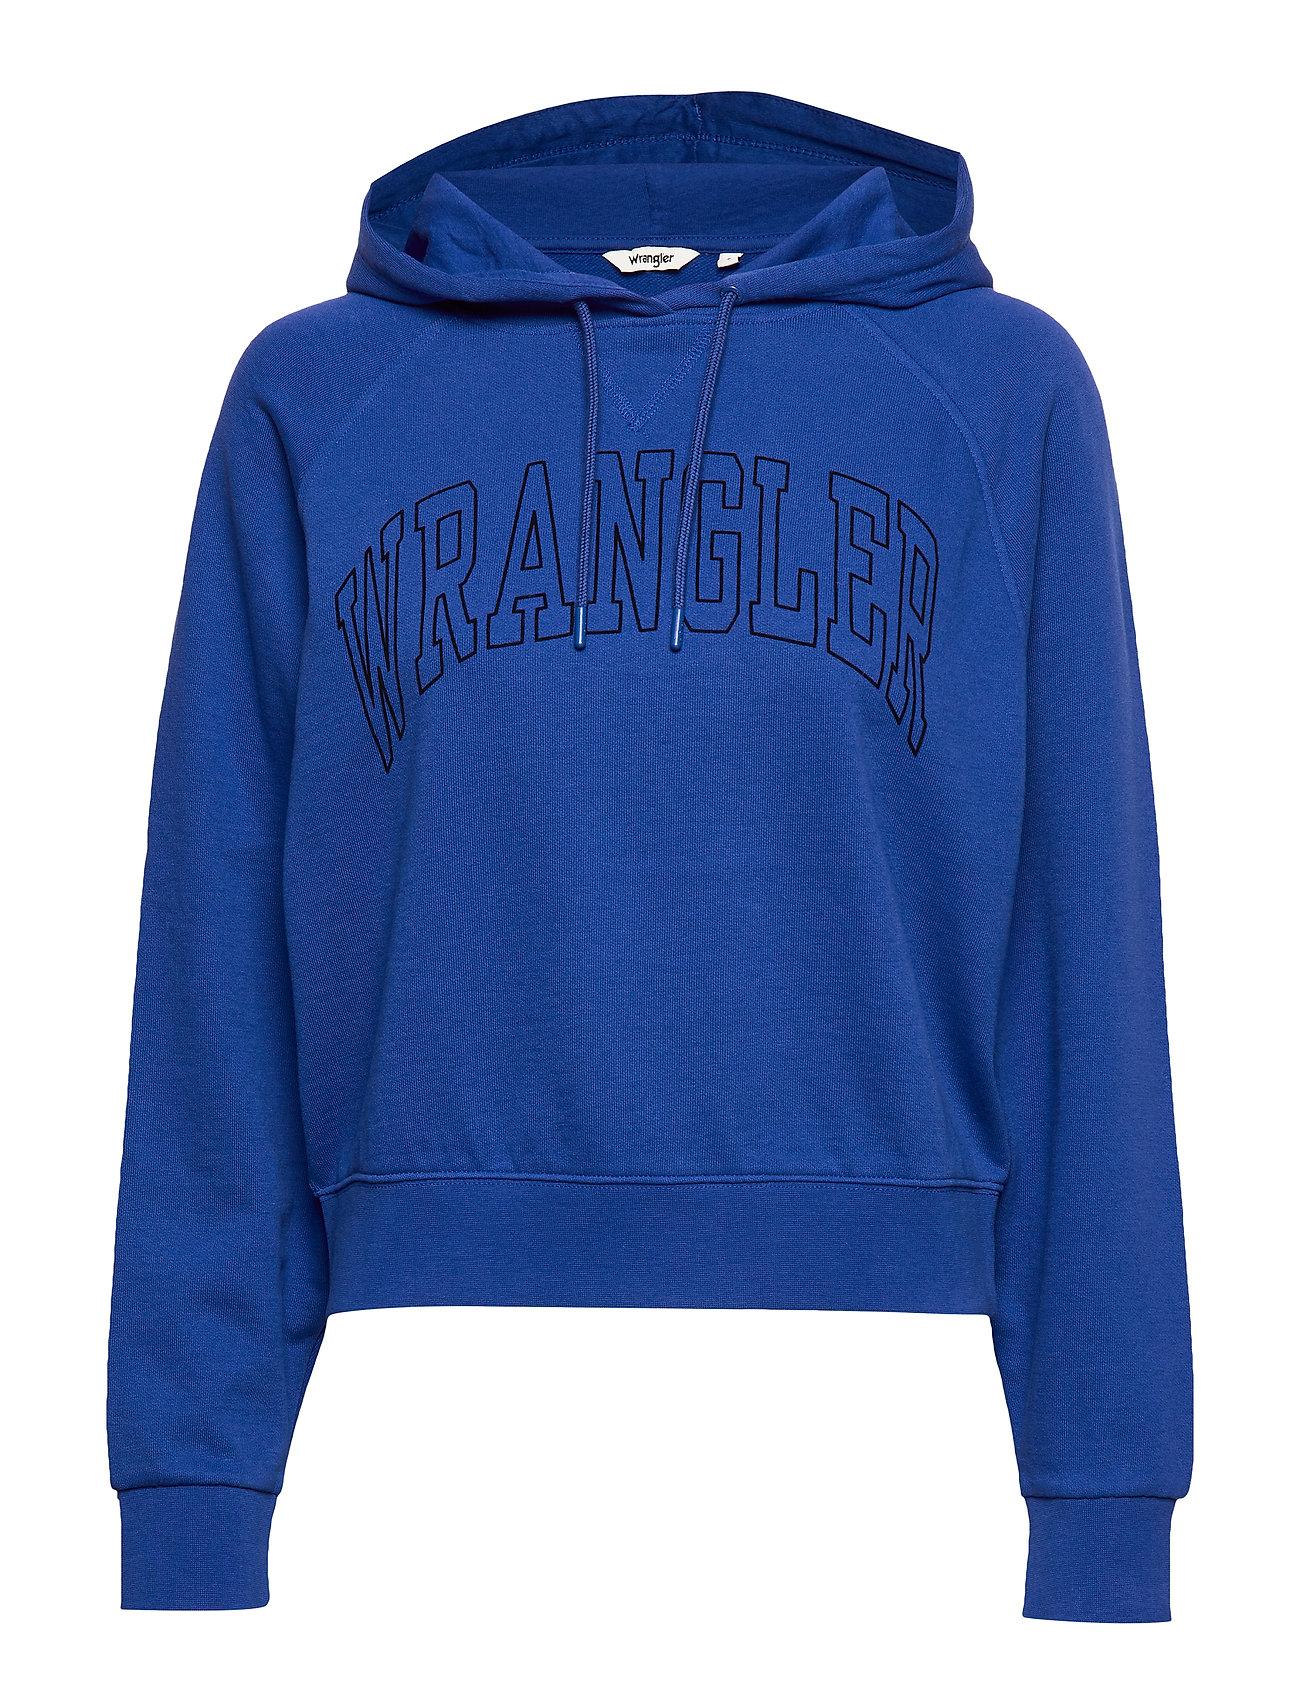 Wrangler RETRO HOODY COBALT BLUE - COBALT BLUE